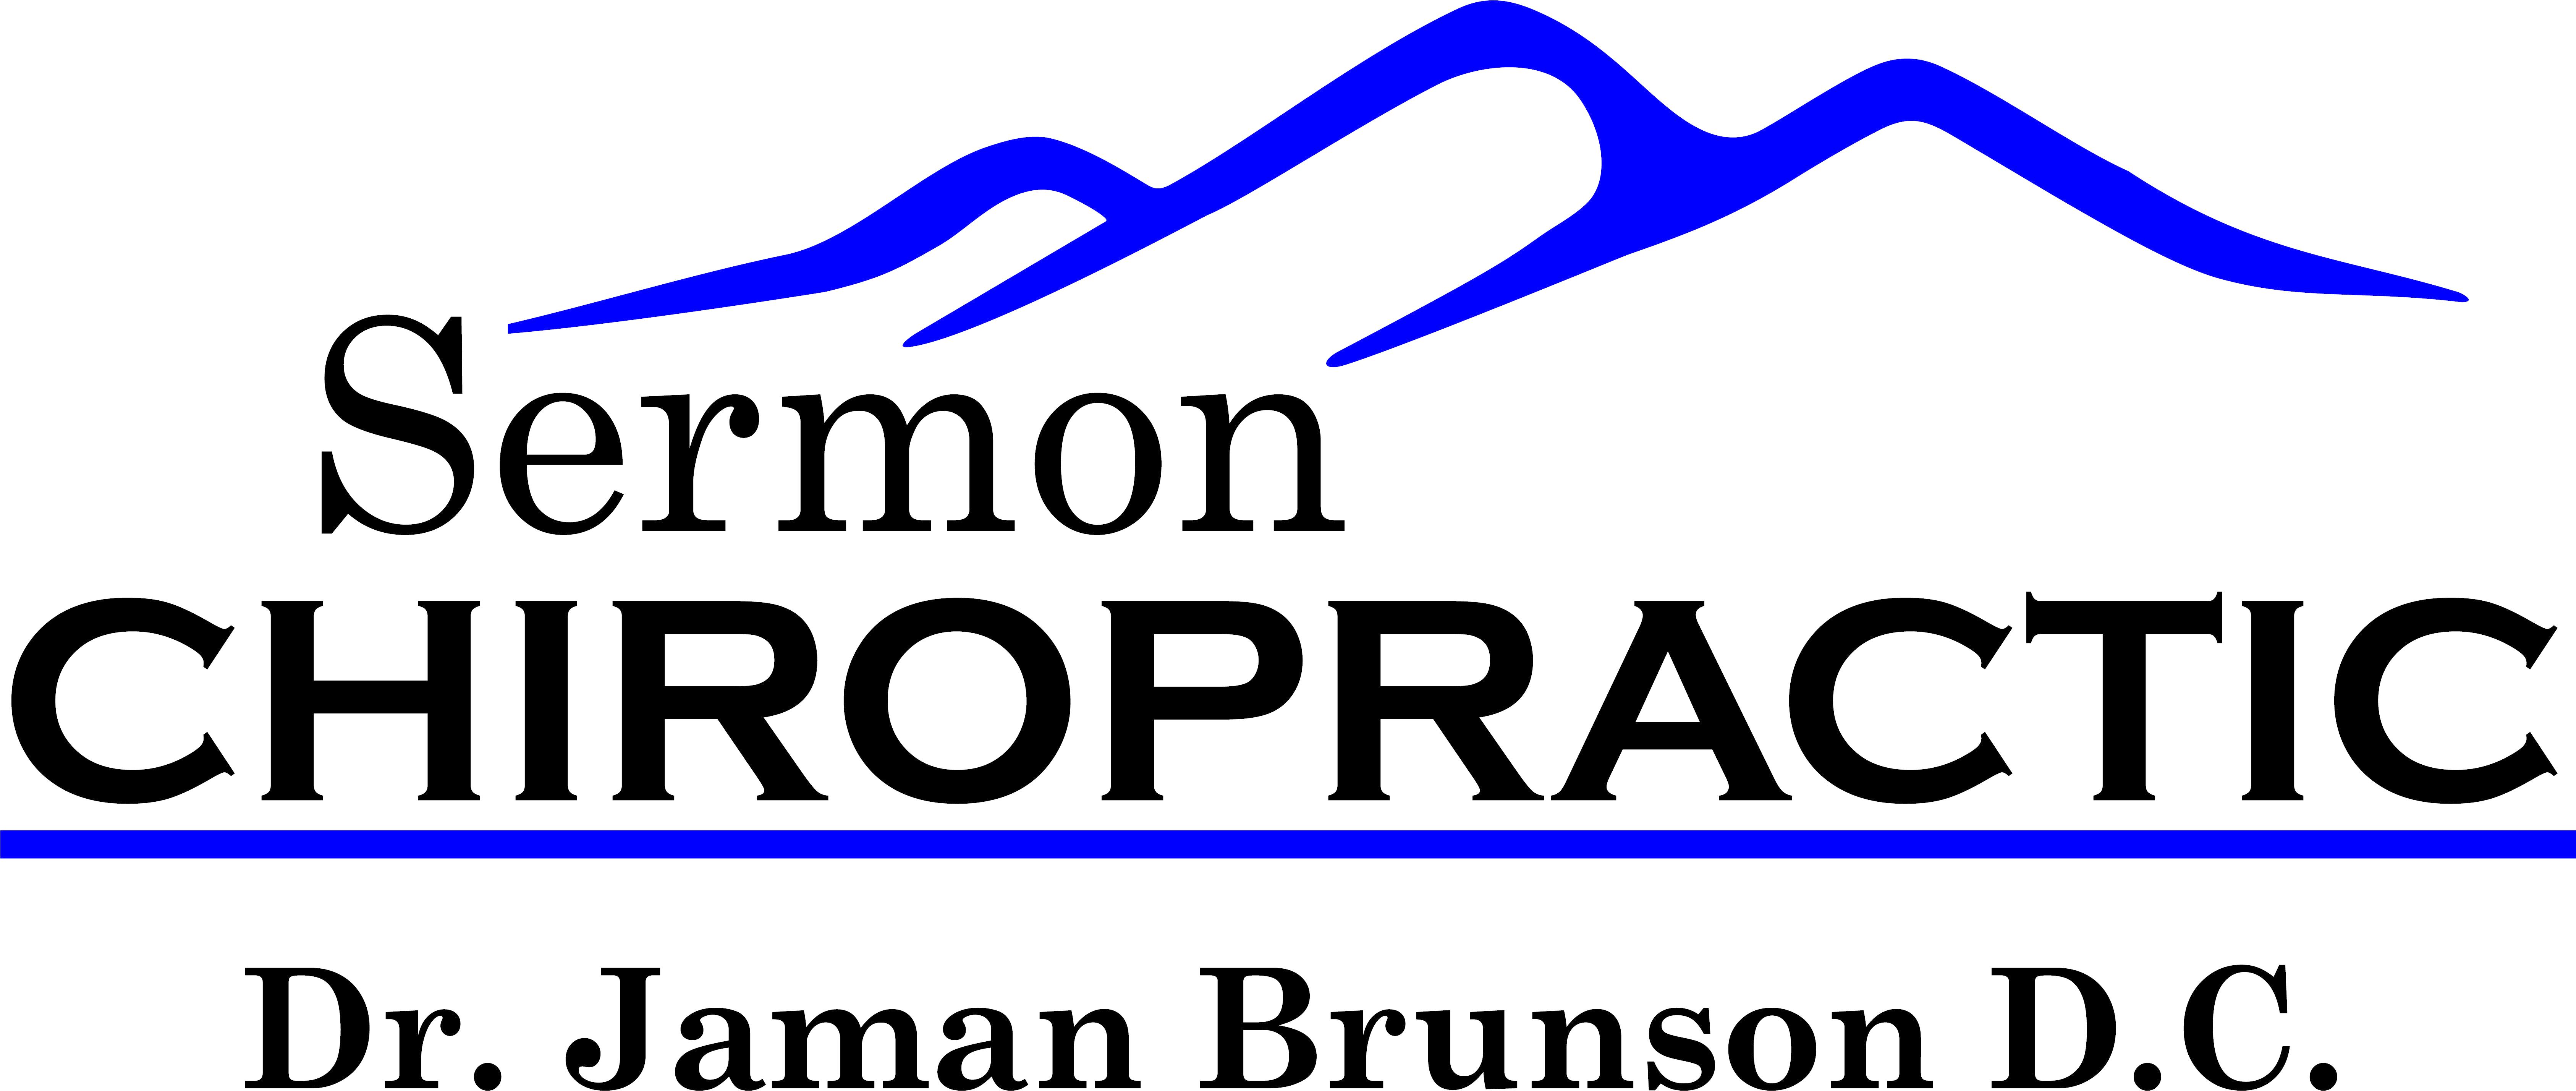 Sermon Chiropractic